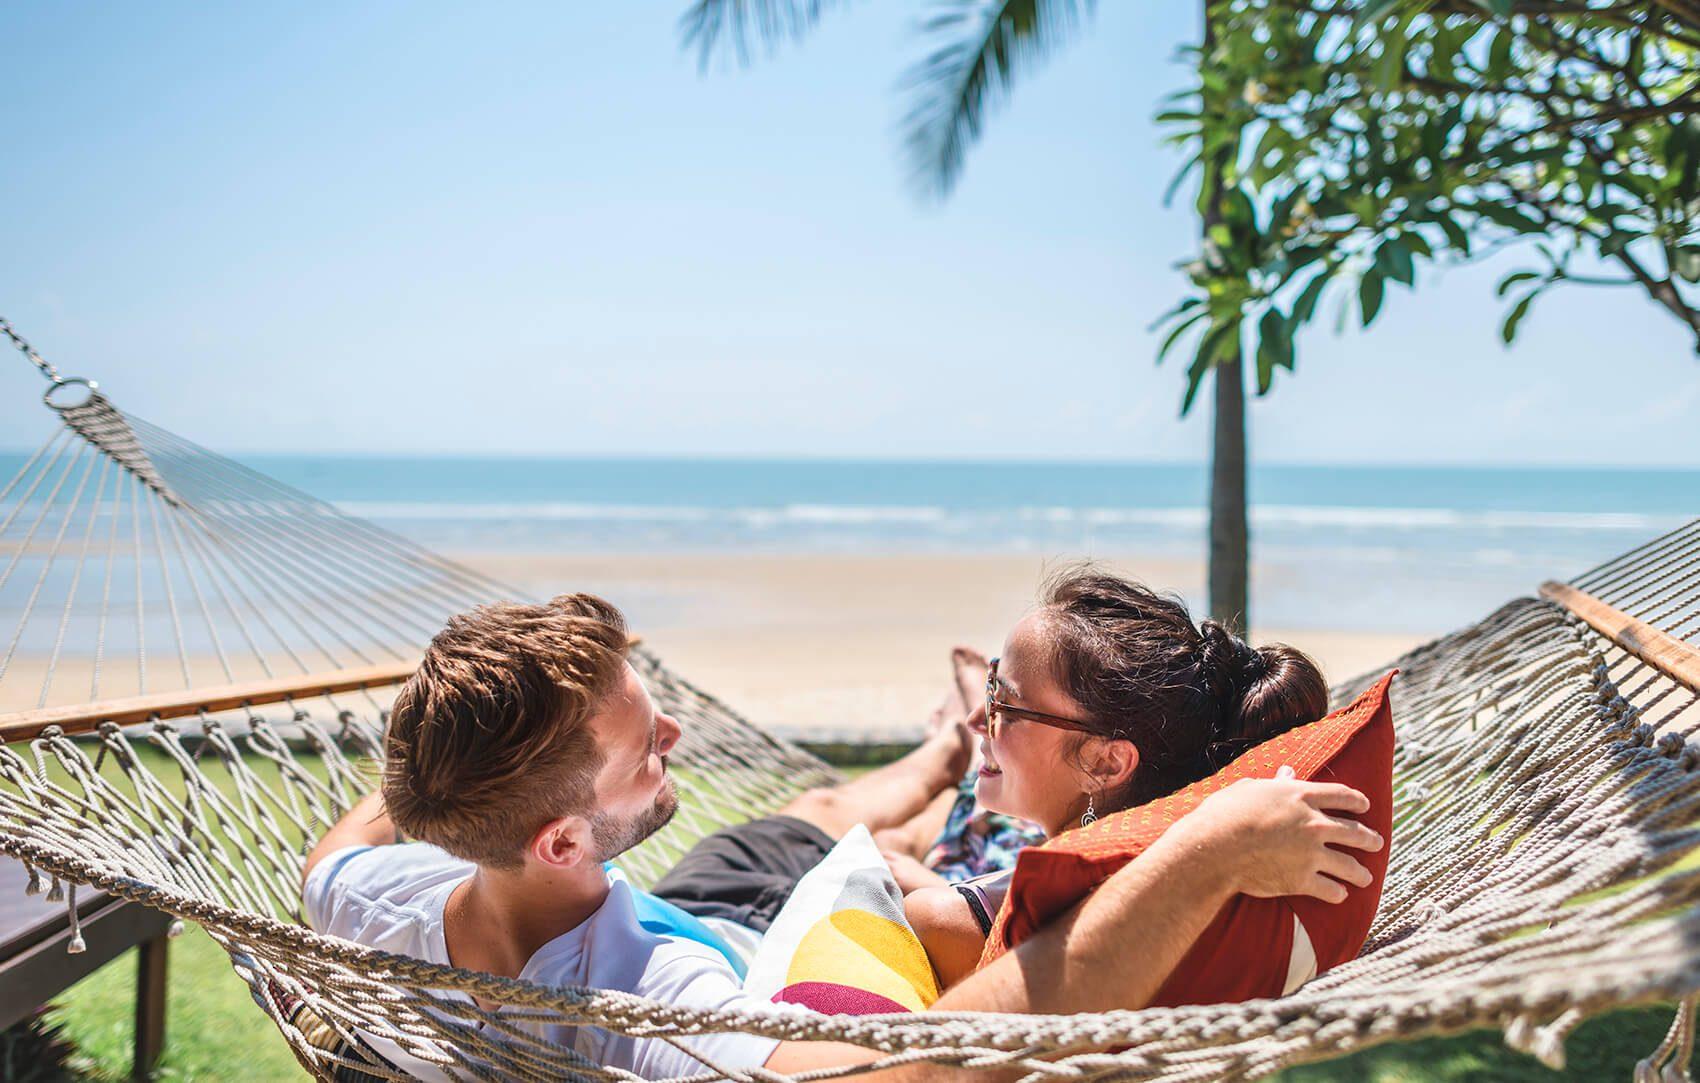 أين تسافر في شهر العسل أو عيد الحب: أفضل 6 اماكن رومانسية في العالم